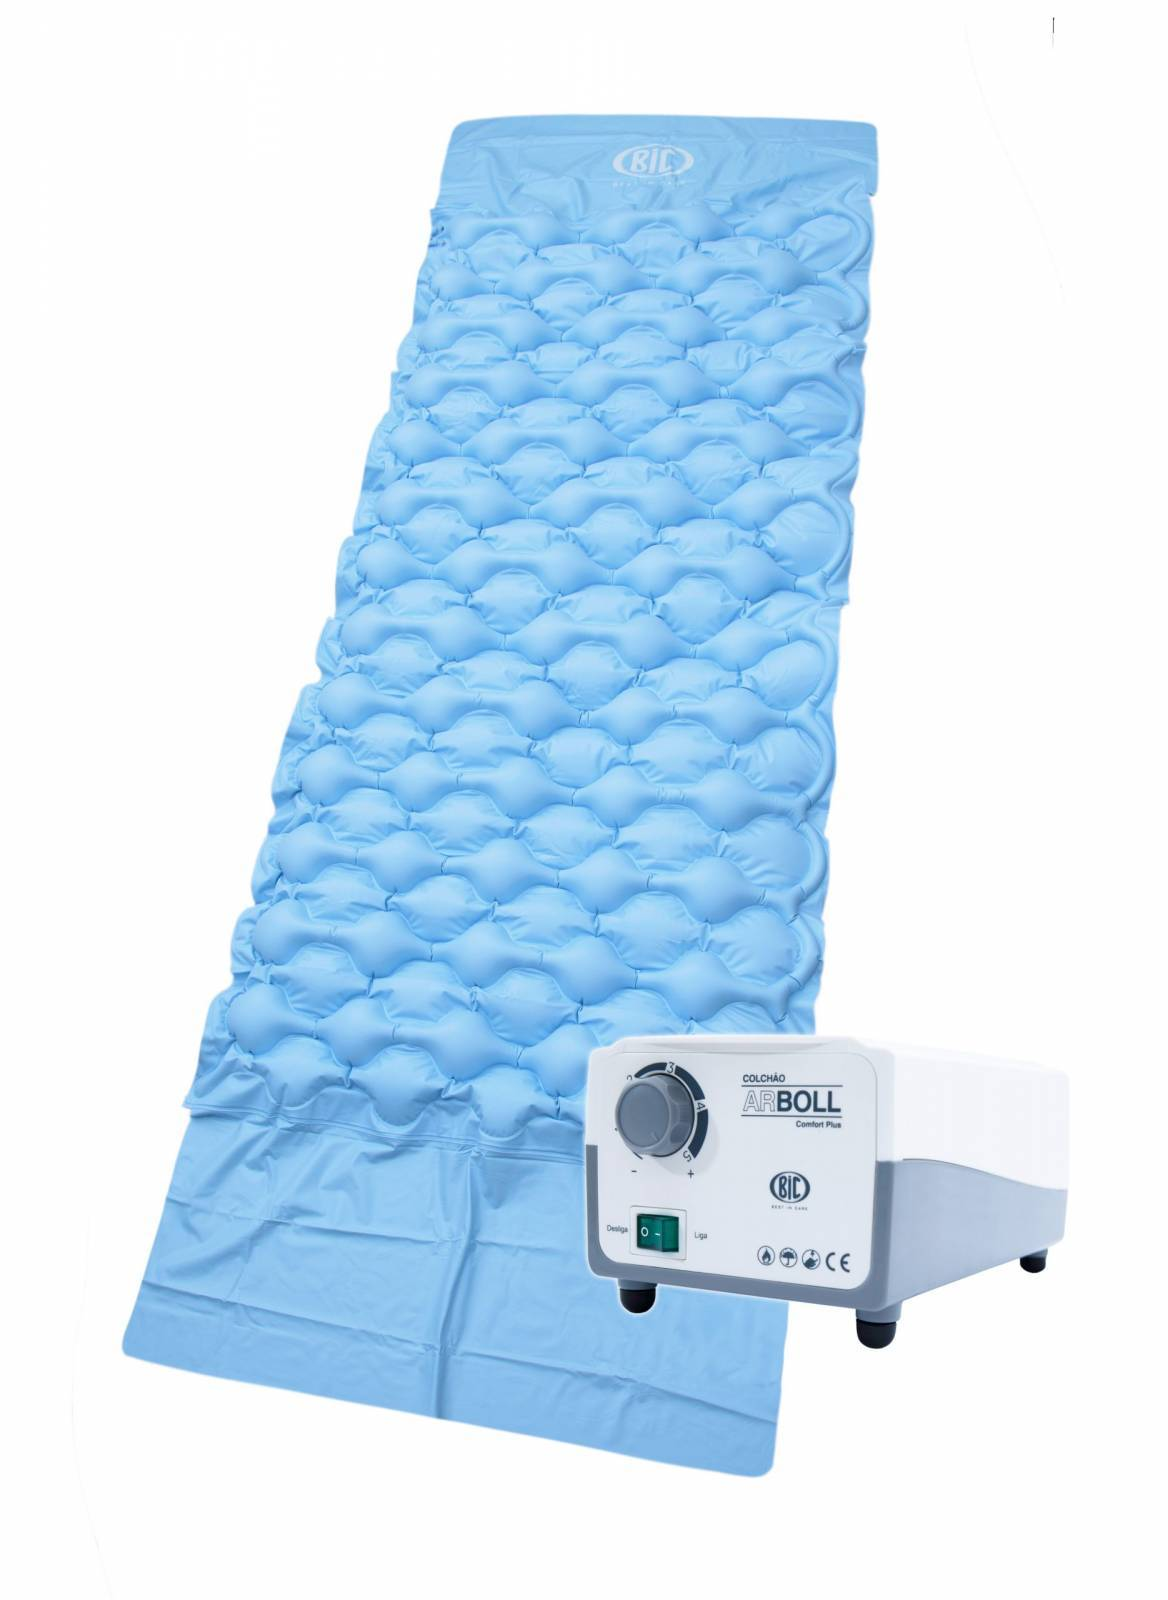 Colchão Inflável Pressão Alternada Arboll Confort Plus - Soft Care Produtos Médicos